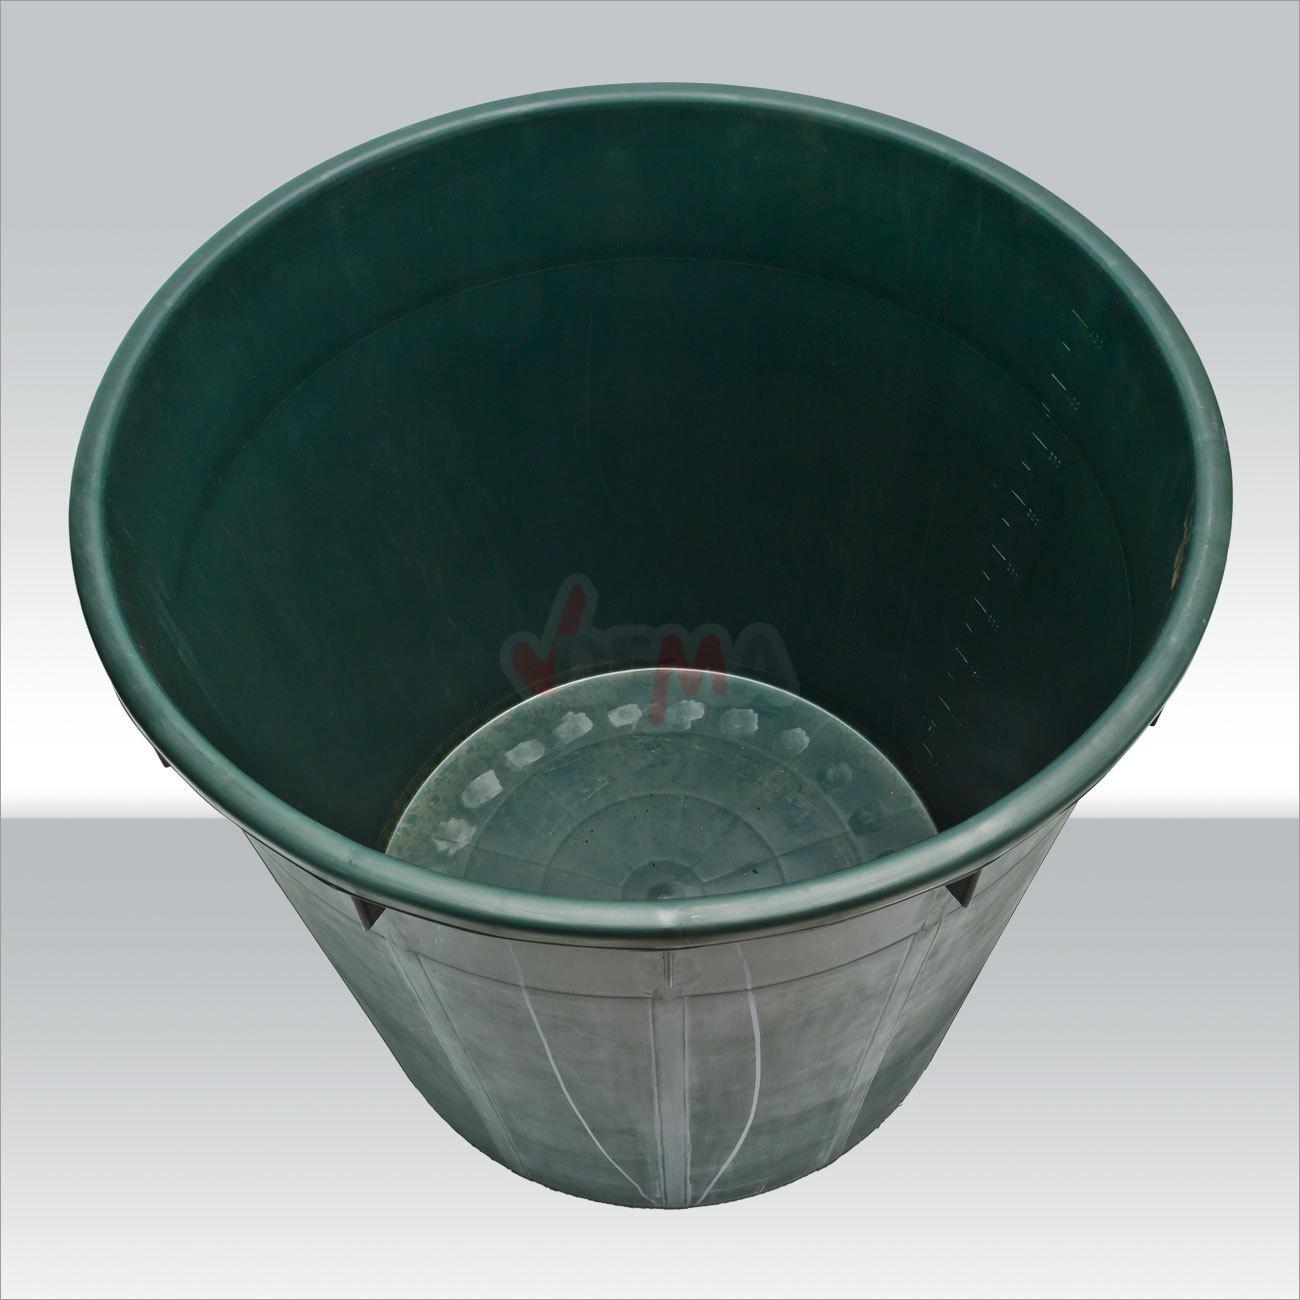 regentonne regenfass wasserfass regenwasser wassertank rund 500 liter mit deckel ebay. Black Bedroom Furniture Sets. Home Design Ideas